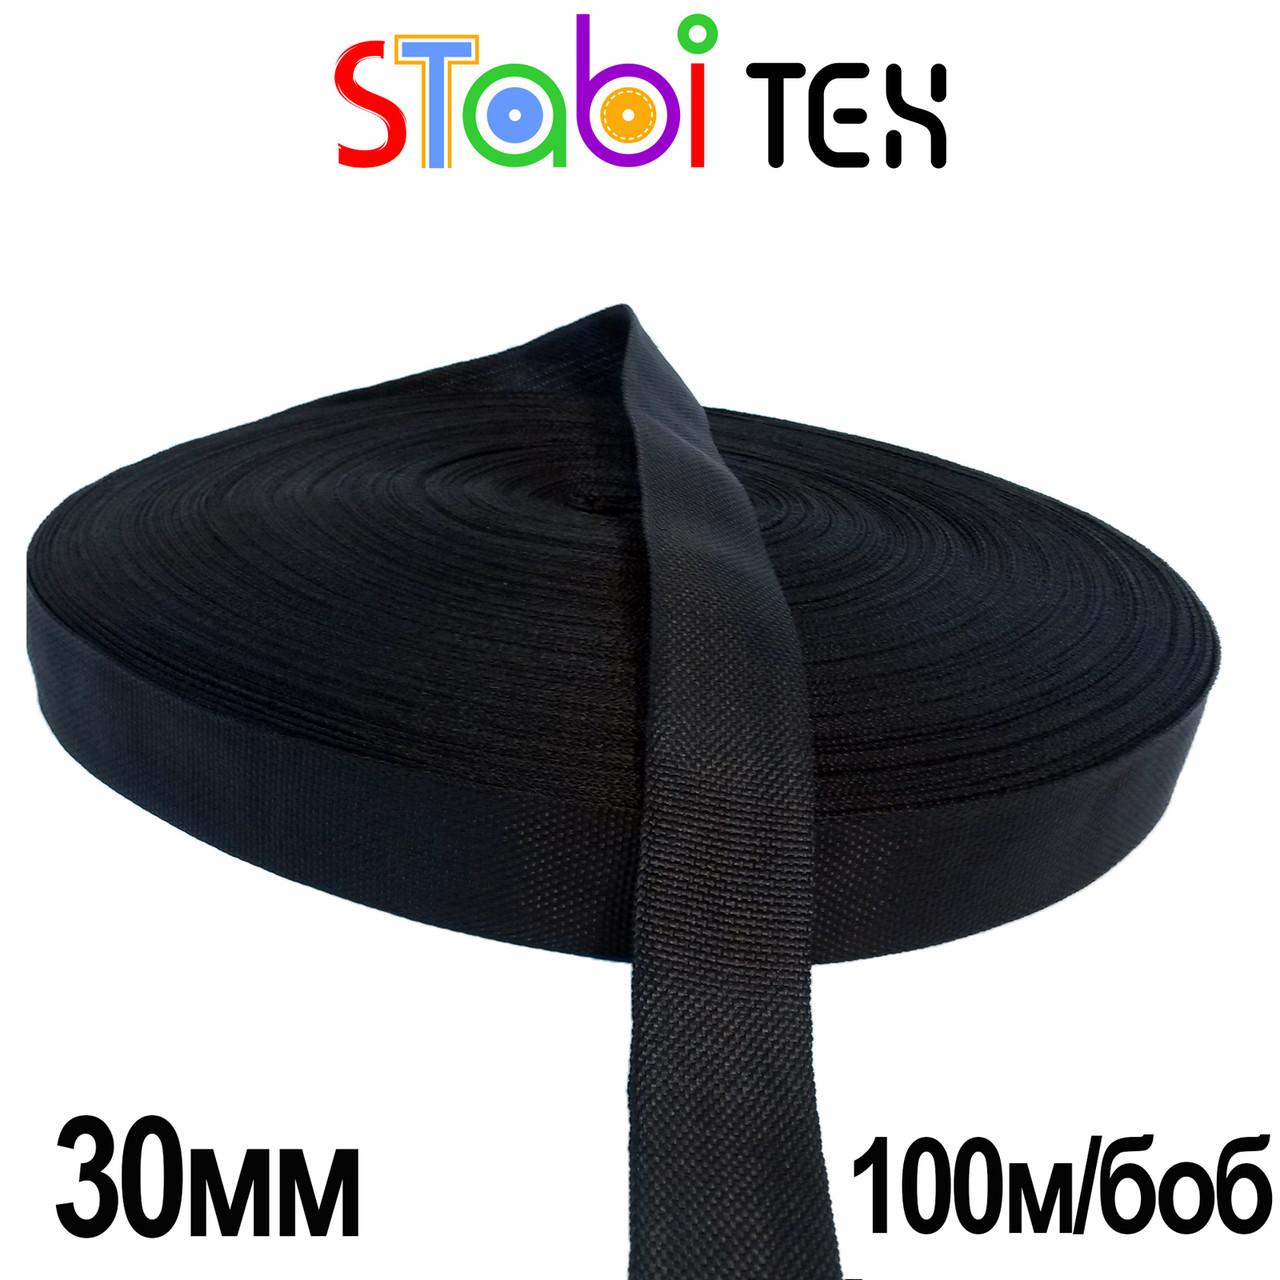 Лента ременная стропа 30мм (100м/боб) 2327 Чёрный